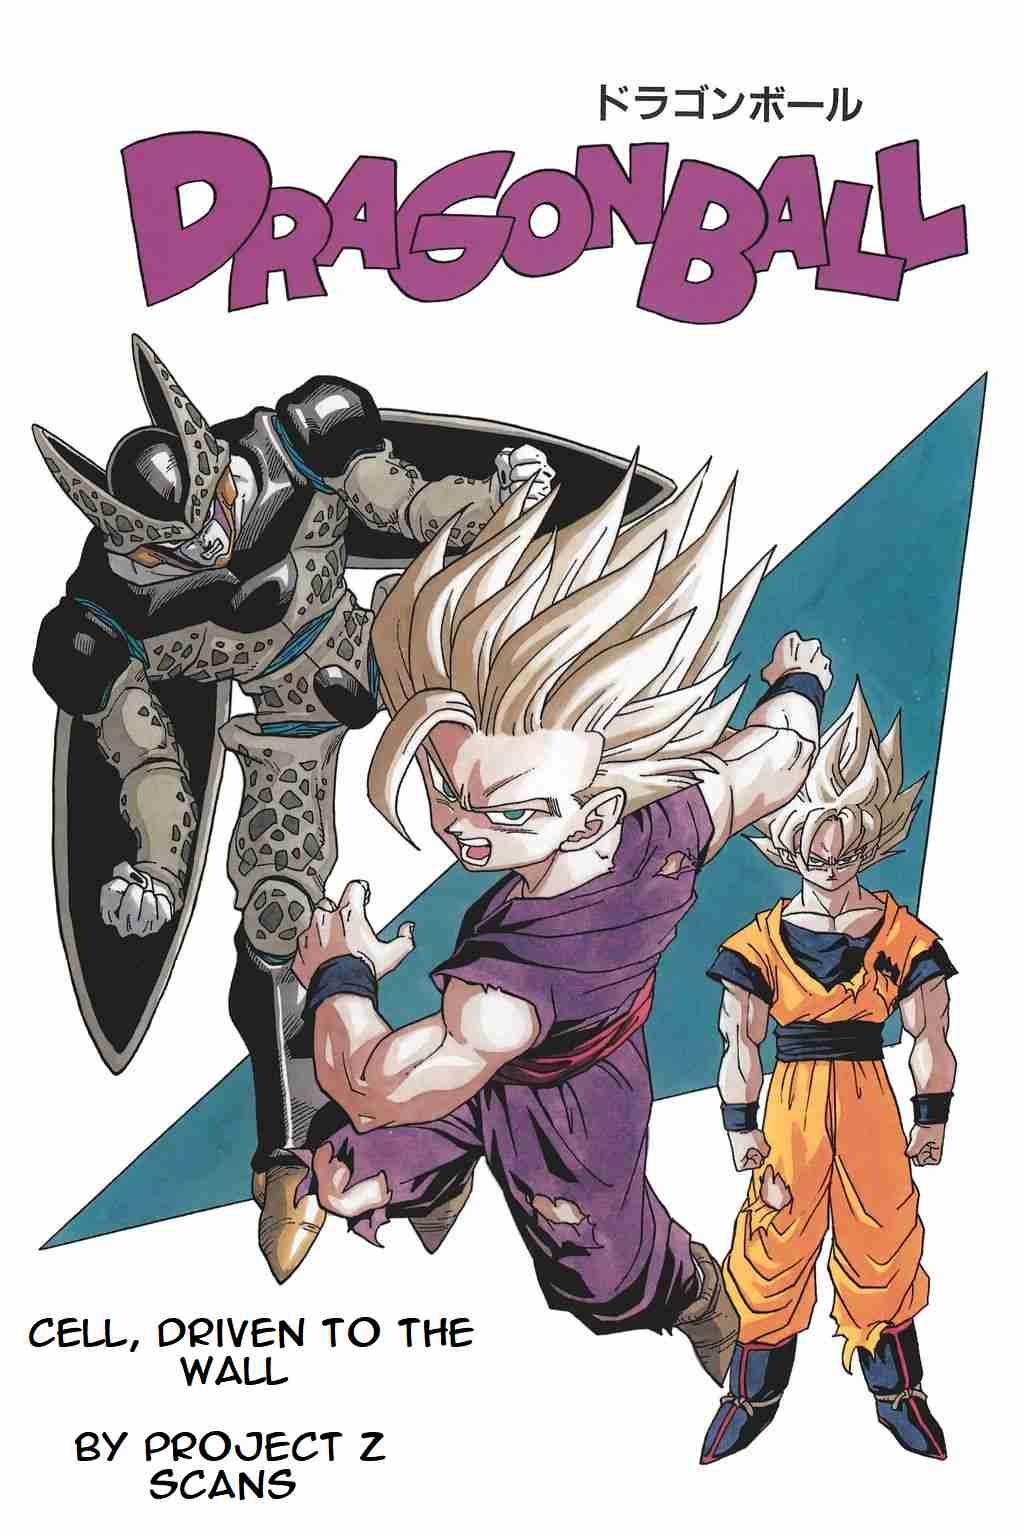 https://manga.mangadogs.com/comics/pic2/49/14833/916870/6c0958d82a830a02c0718147b1b565c1.jpg Page 1